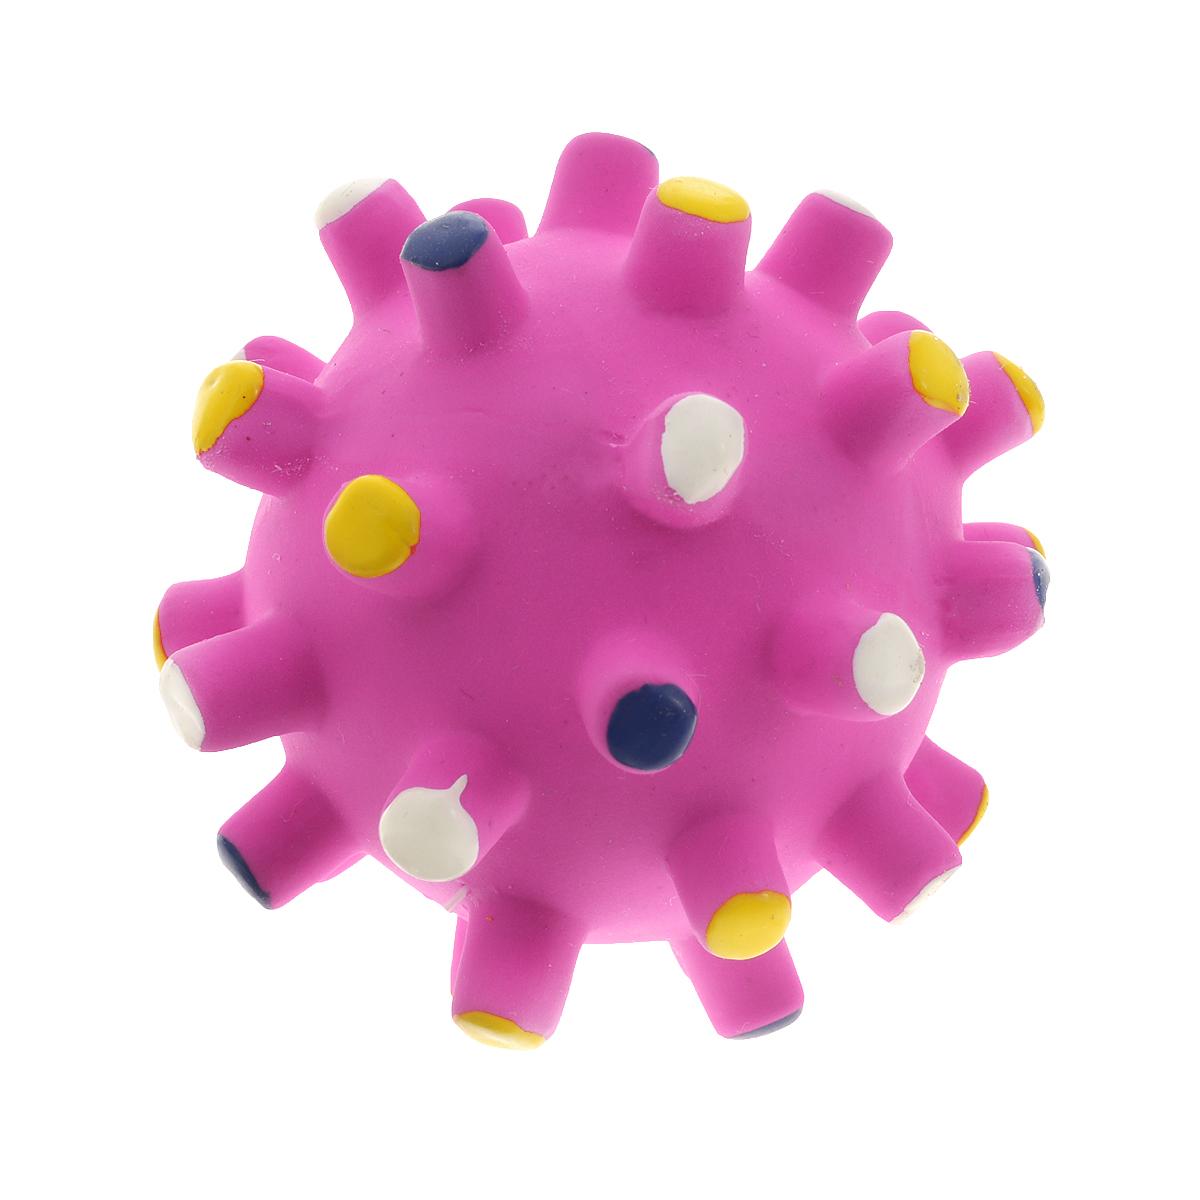 Игрушка для щенков I.P.T.S. Мяч, цвет: малиновый, 7 см16375/620853 малиновыйИгрушка для щенков I.P.T.S. Мяч представляет собой латексный мячик с выпуклостями. Жуя мягкий мяч, ваш питомец не повредит себе зубы и десны. Эластичный мяч способствует тренировке челюстей. Способствует очищению зубов и десен от налета и остатков пищи.